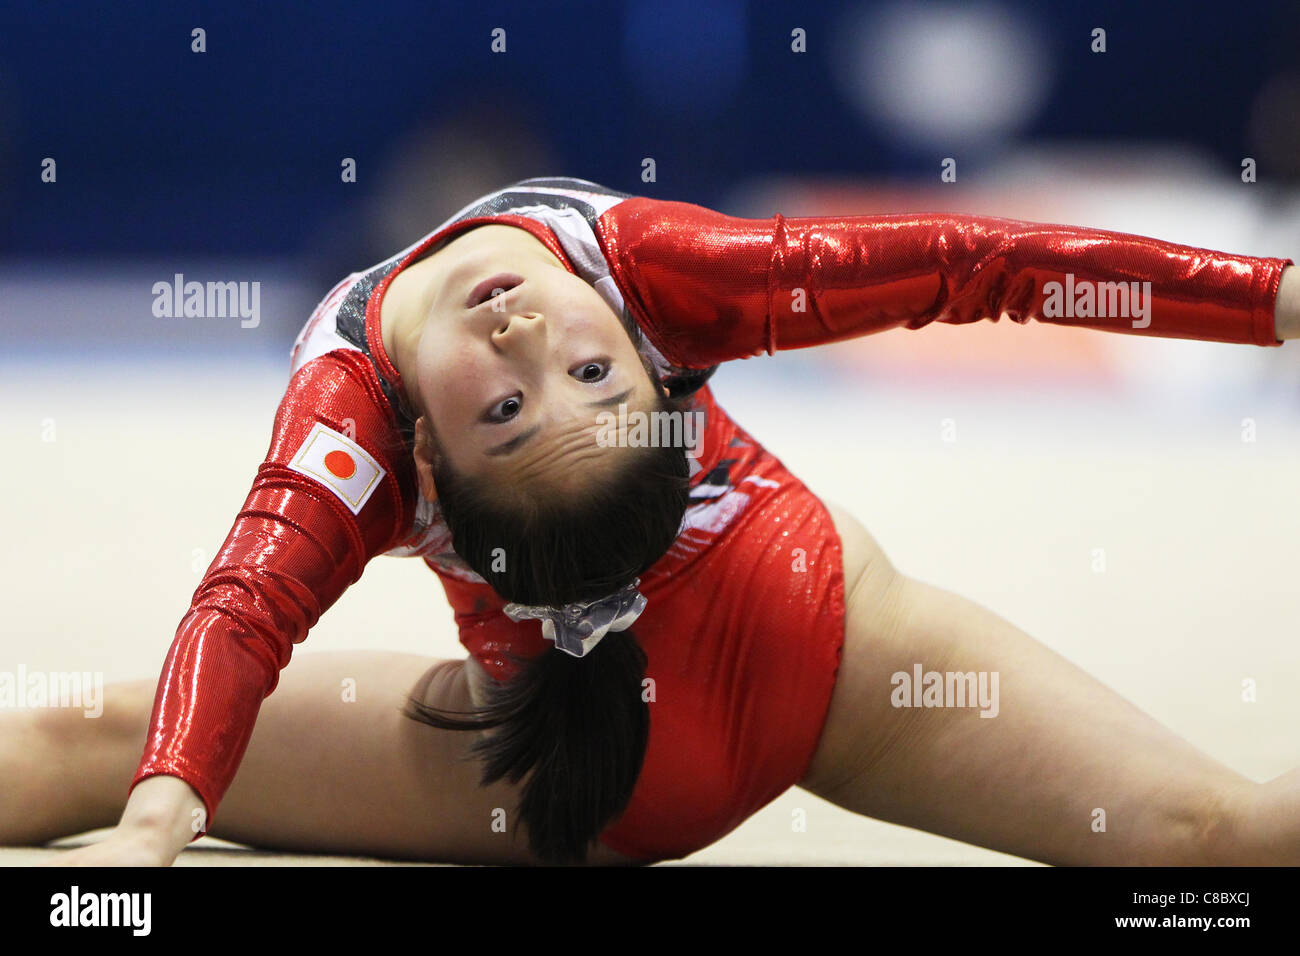 Koko Tsurumi (JPN) effectue au cours de la FIG de gymnastique artistique monde Tokyo 2011 championnats. Photo Stock